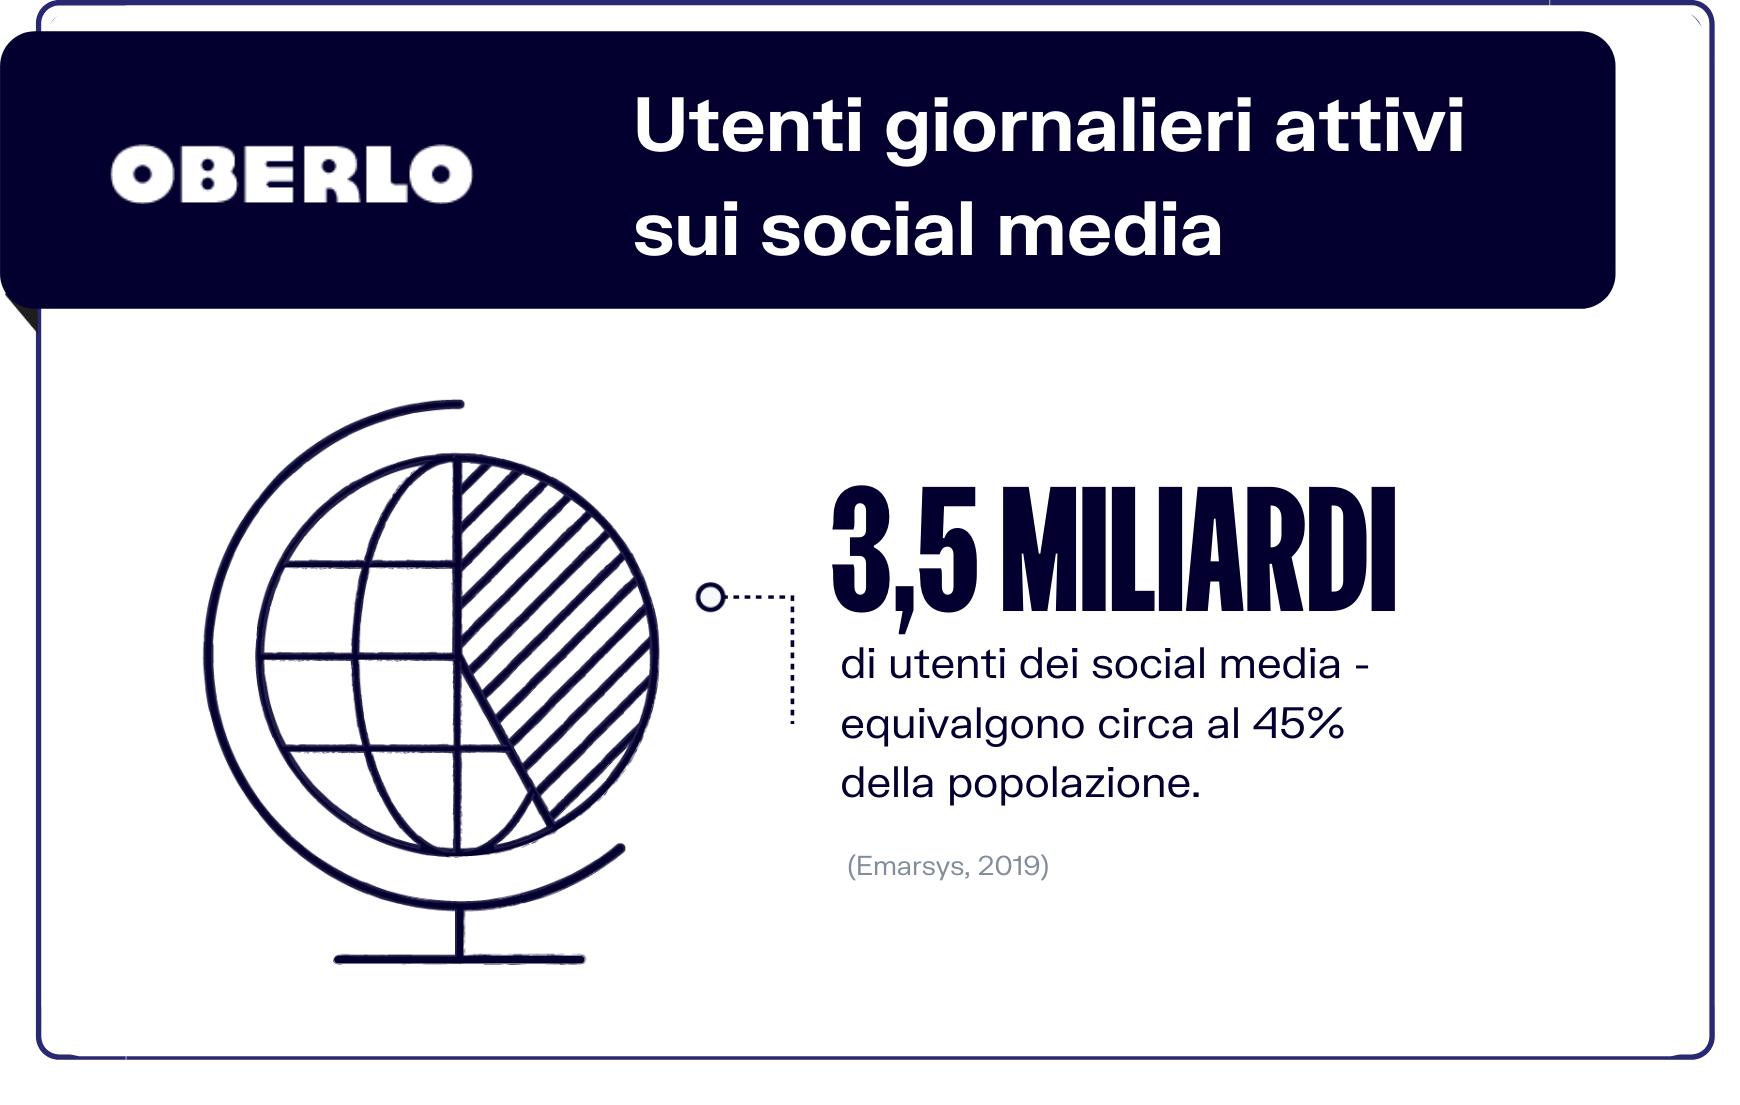 utenti sui social